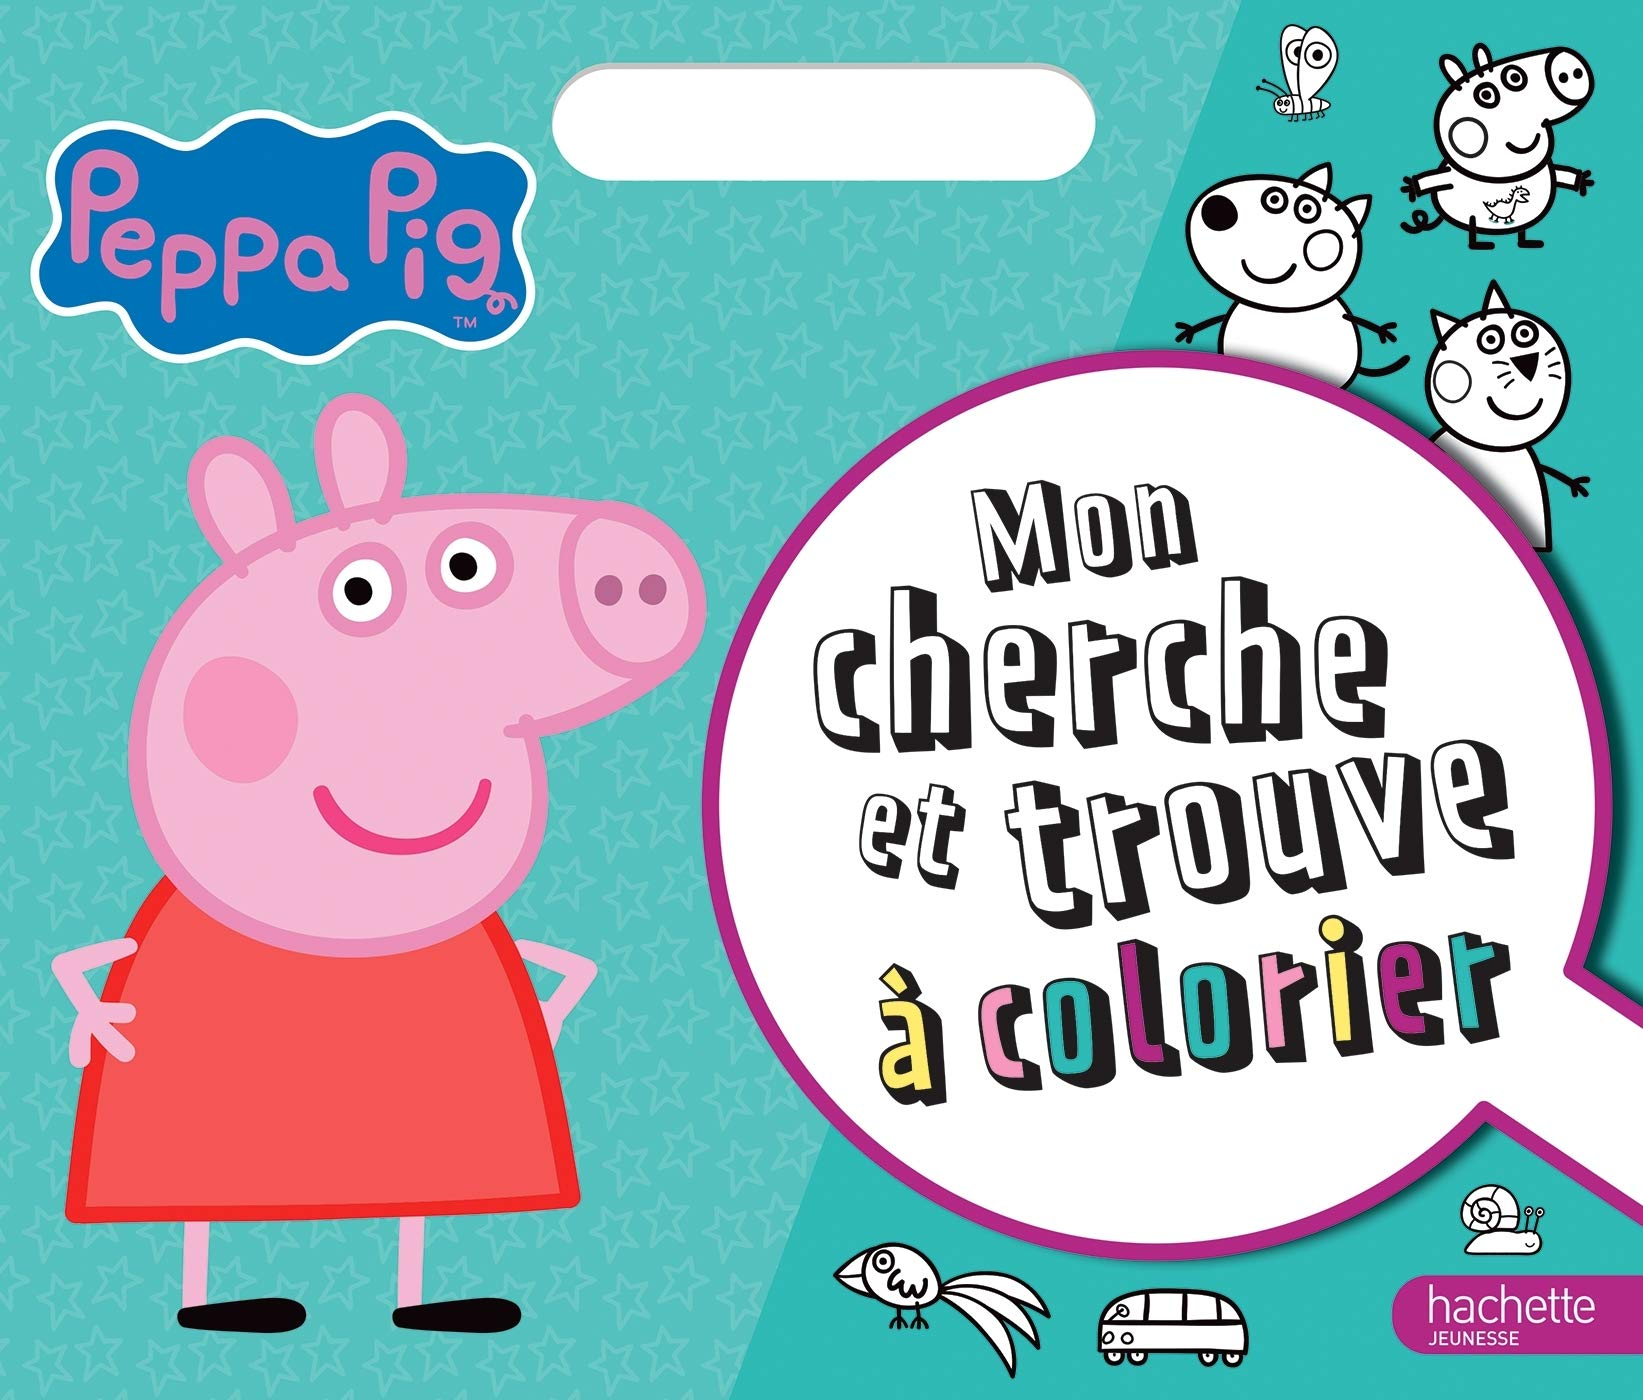 Peppa Pig Cherche Et Trouve A Colorier 9782017091189 Amazon Com Books